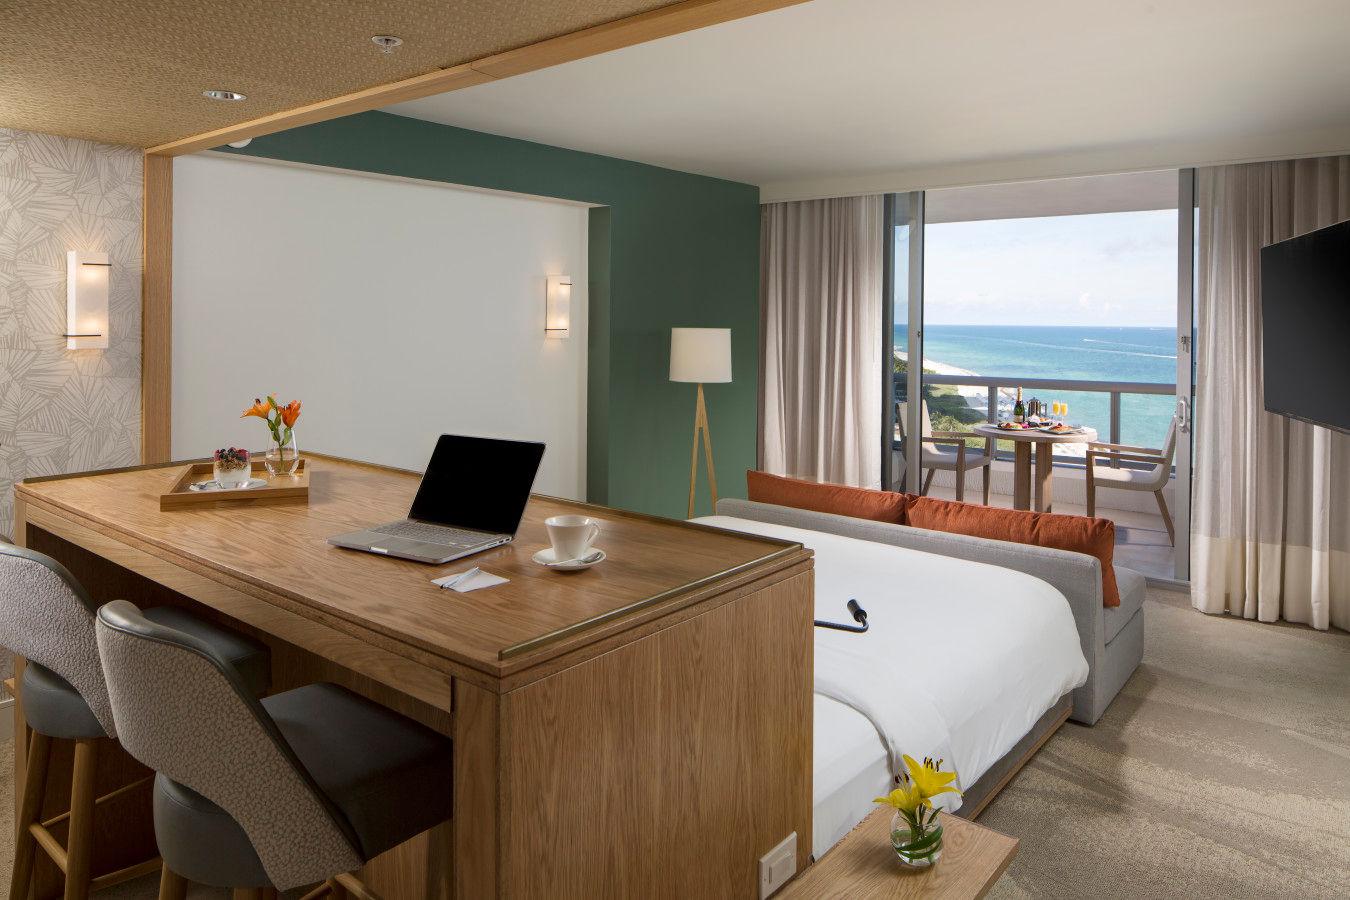 Полулюкс с кроватью размера «king-size» и видом на океан - Eden Roc Miami Beach